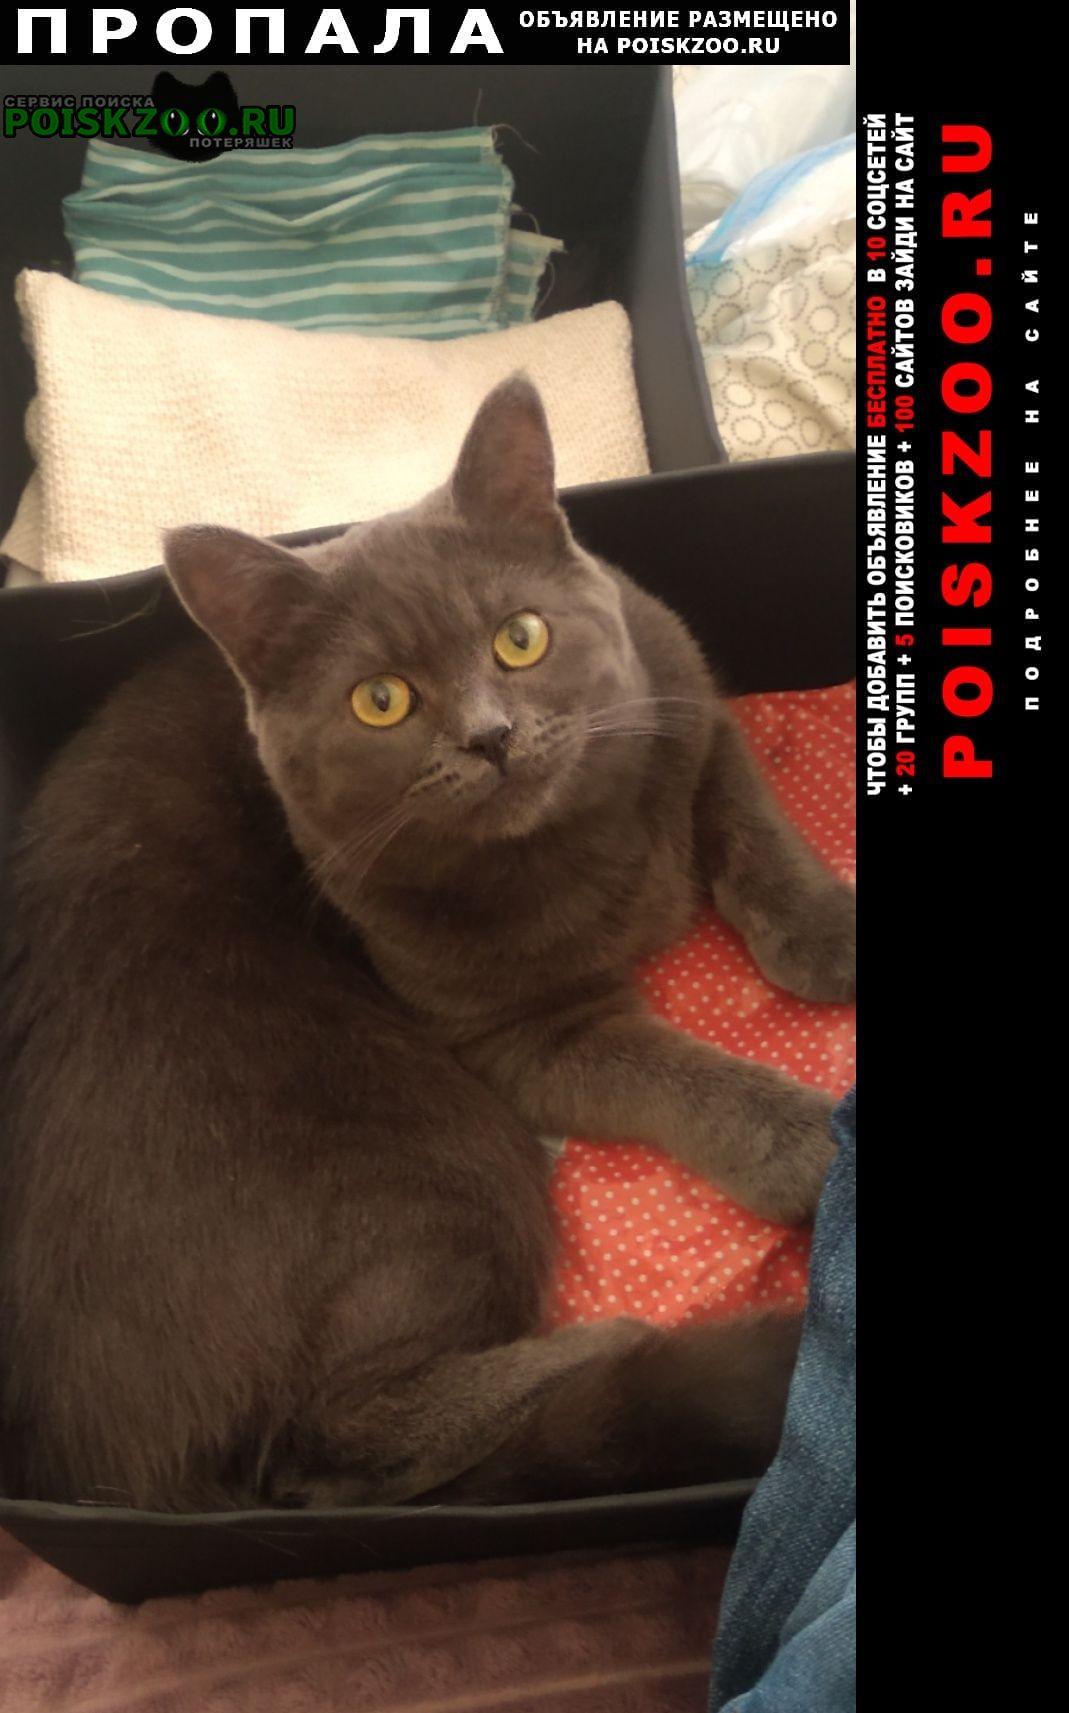 Ростов-на-Дону Пропала кошка помогите пожалуйста